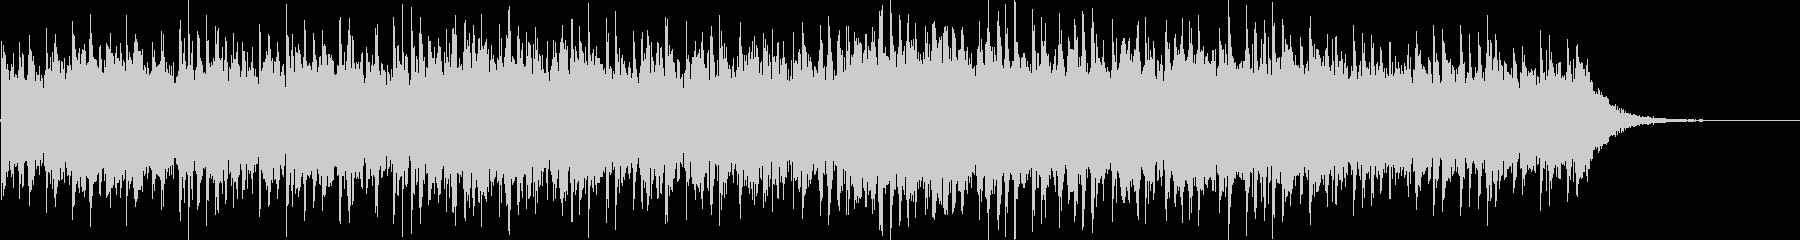 ピアノのメロディーとベル、そして簡...の未再生の波形